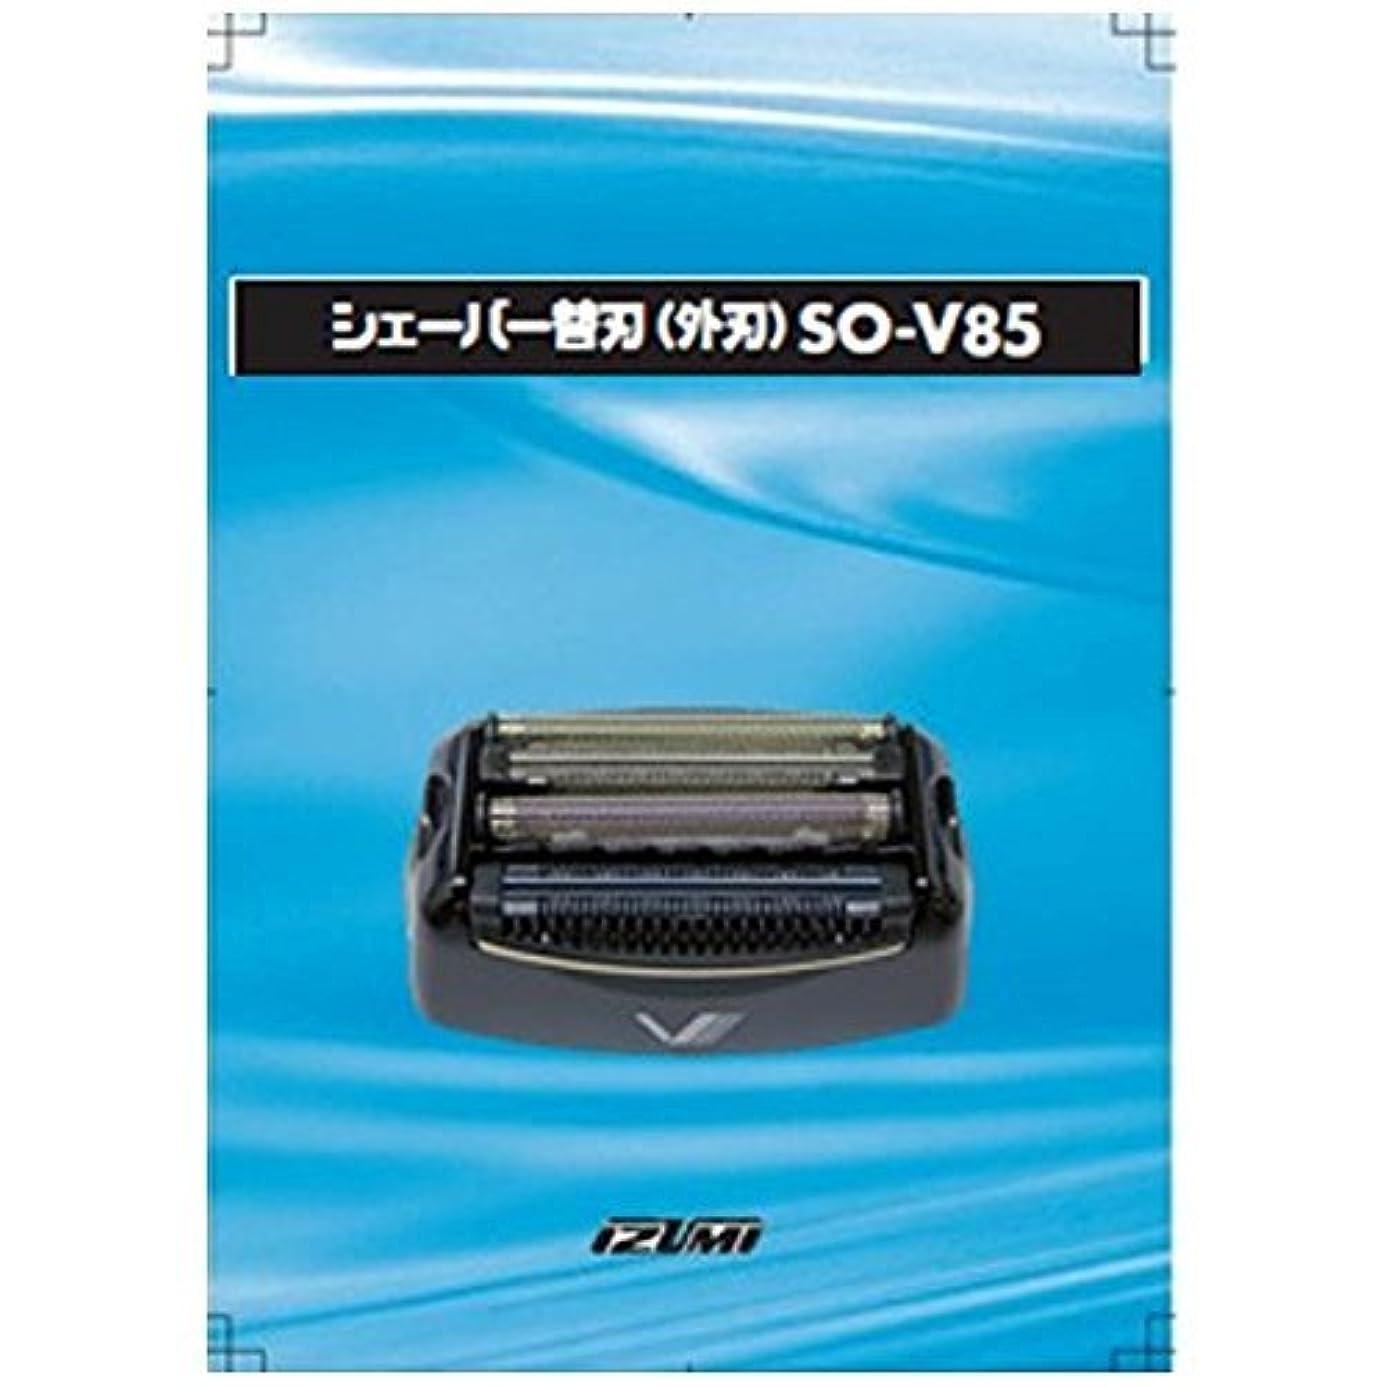 参照する抜本的ななぞらえるイズミ 交換用替刃(外刃)IZUMI SO-V85